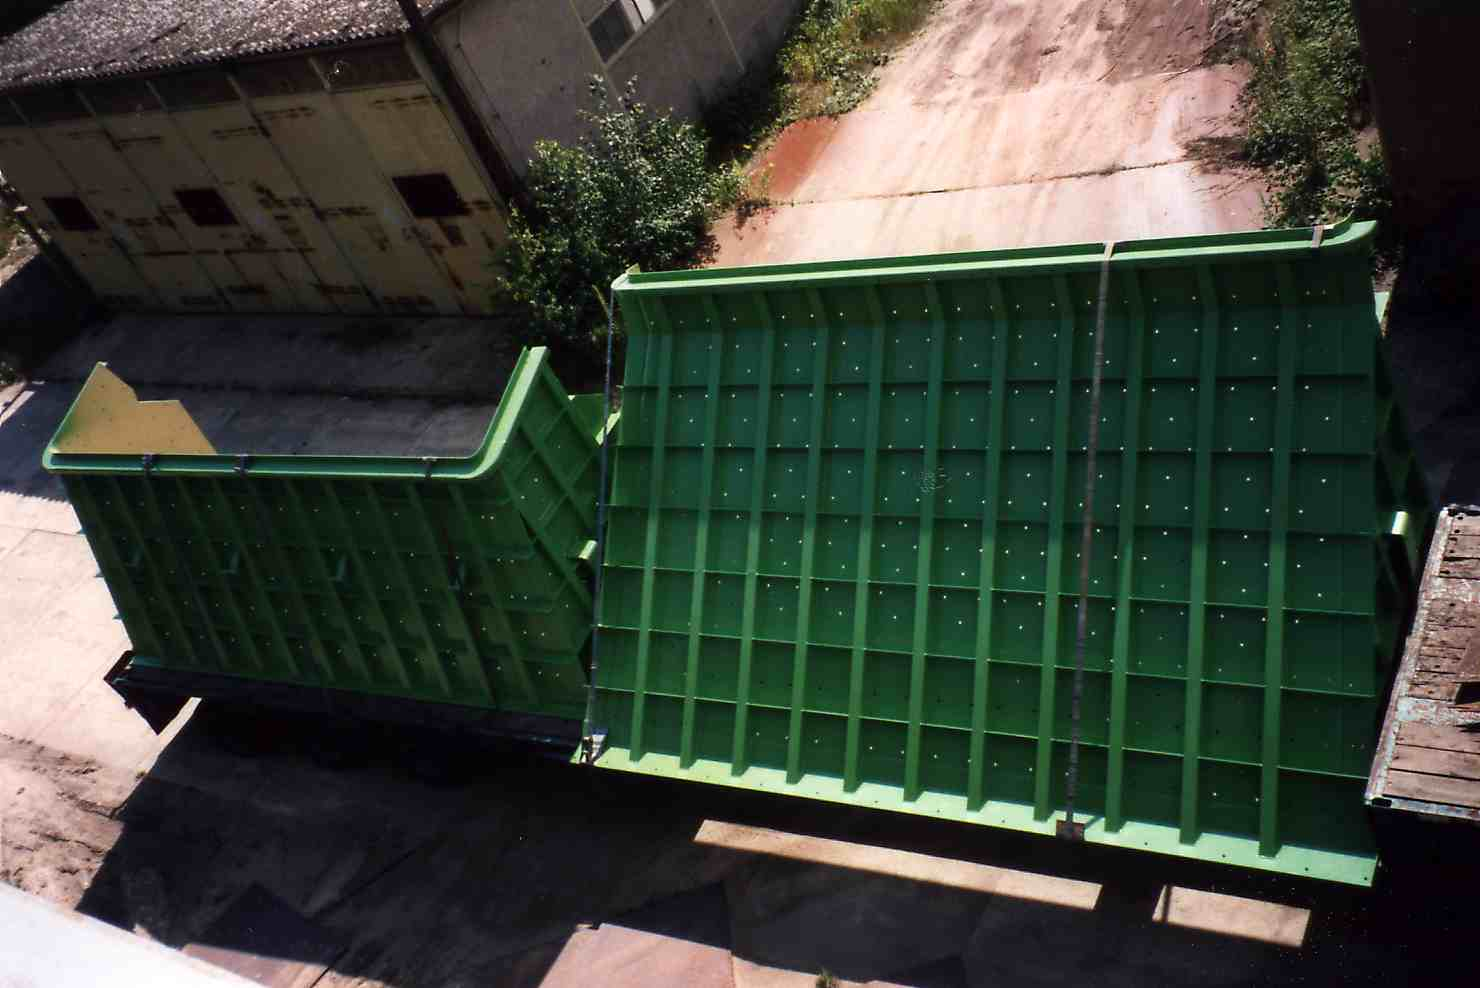 Trichter Füllschacht / Feed chute parts - transport